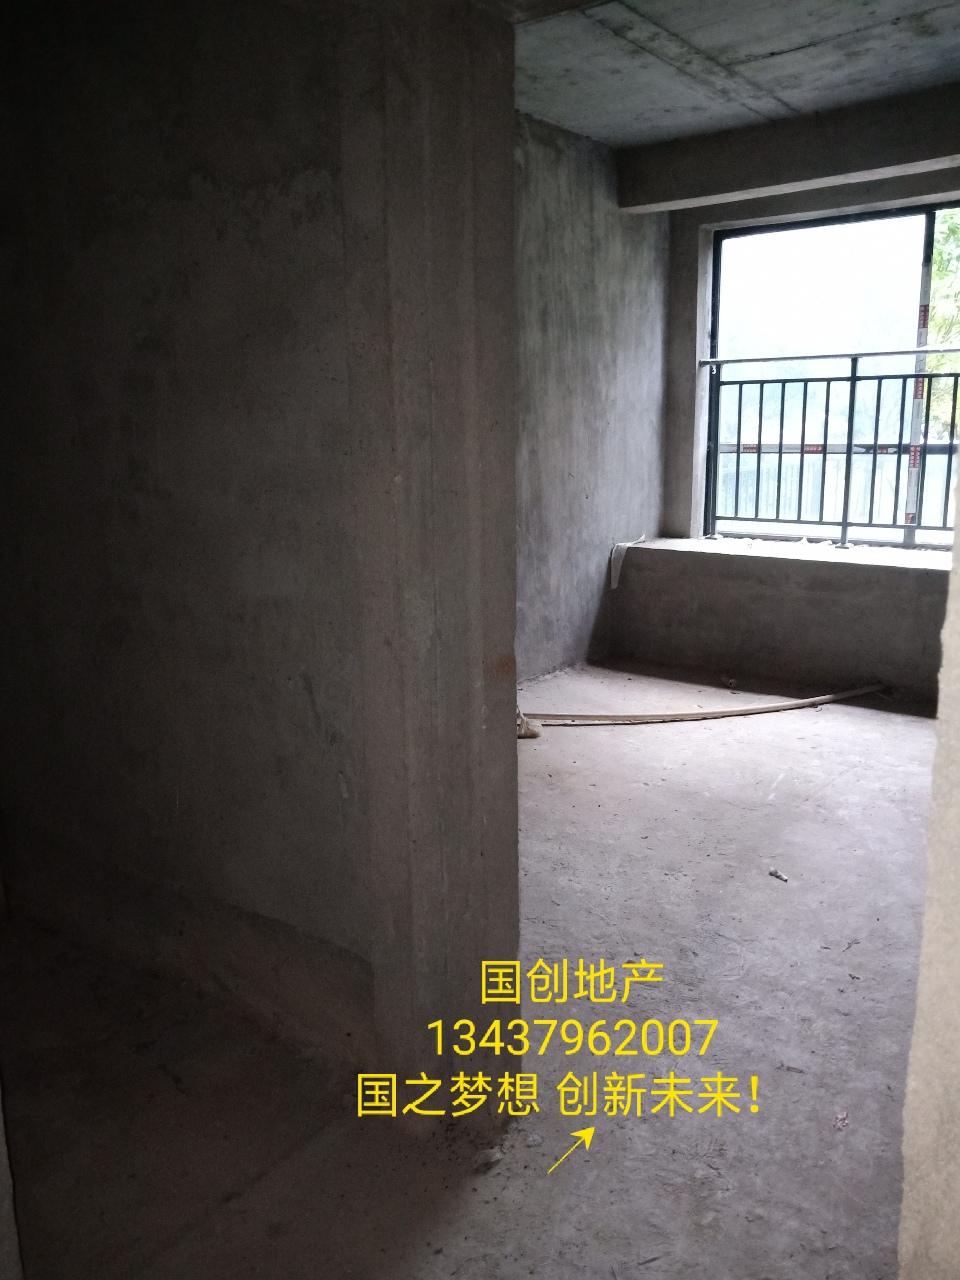 桥南3室2厅1卫45万元